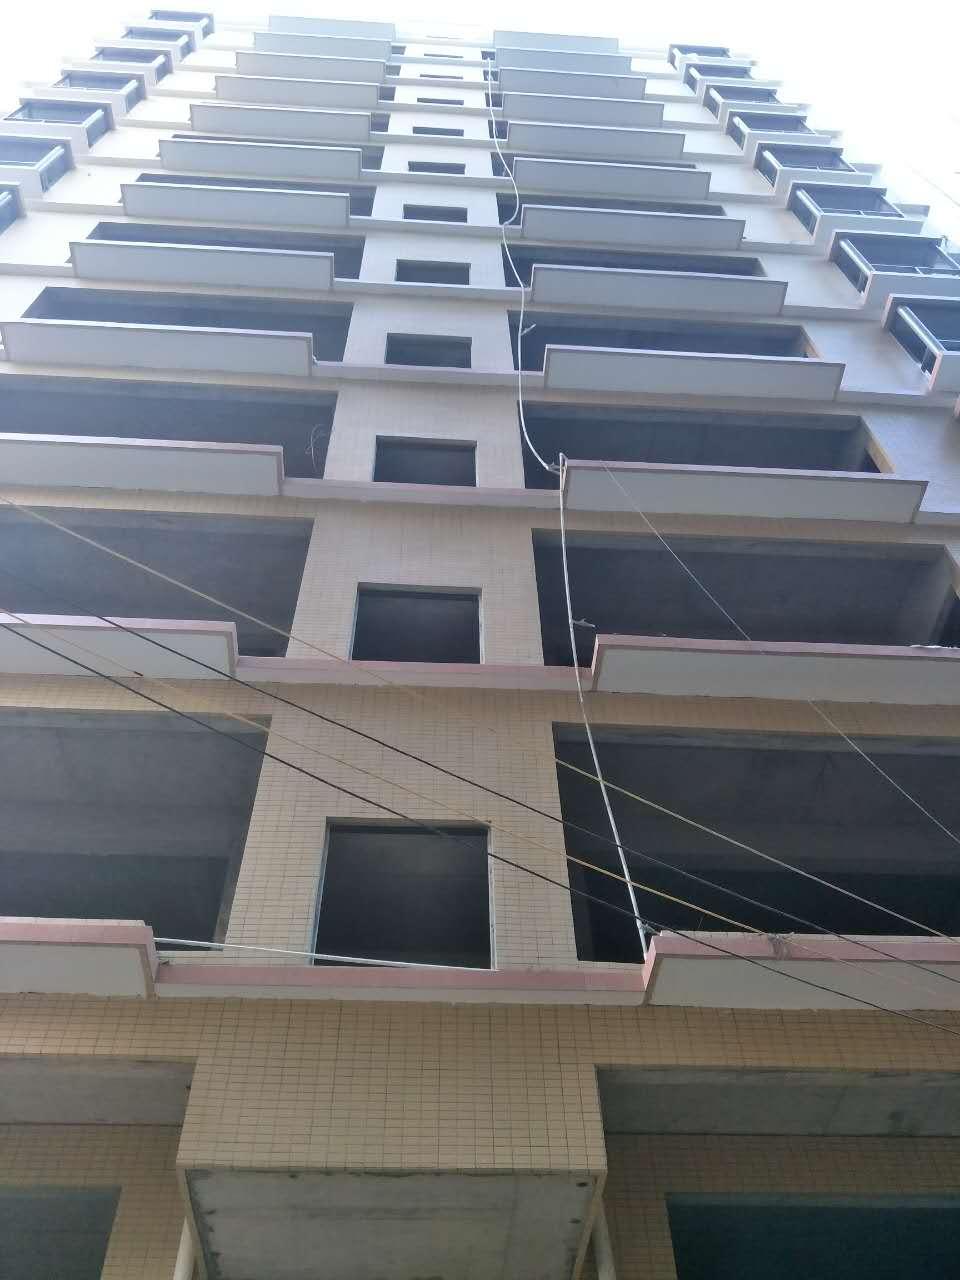 特价房源 小金口四角楼 133平 小产权房自建房